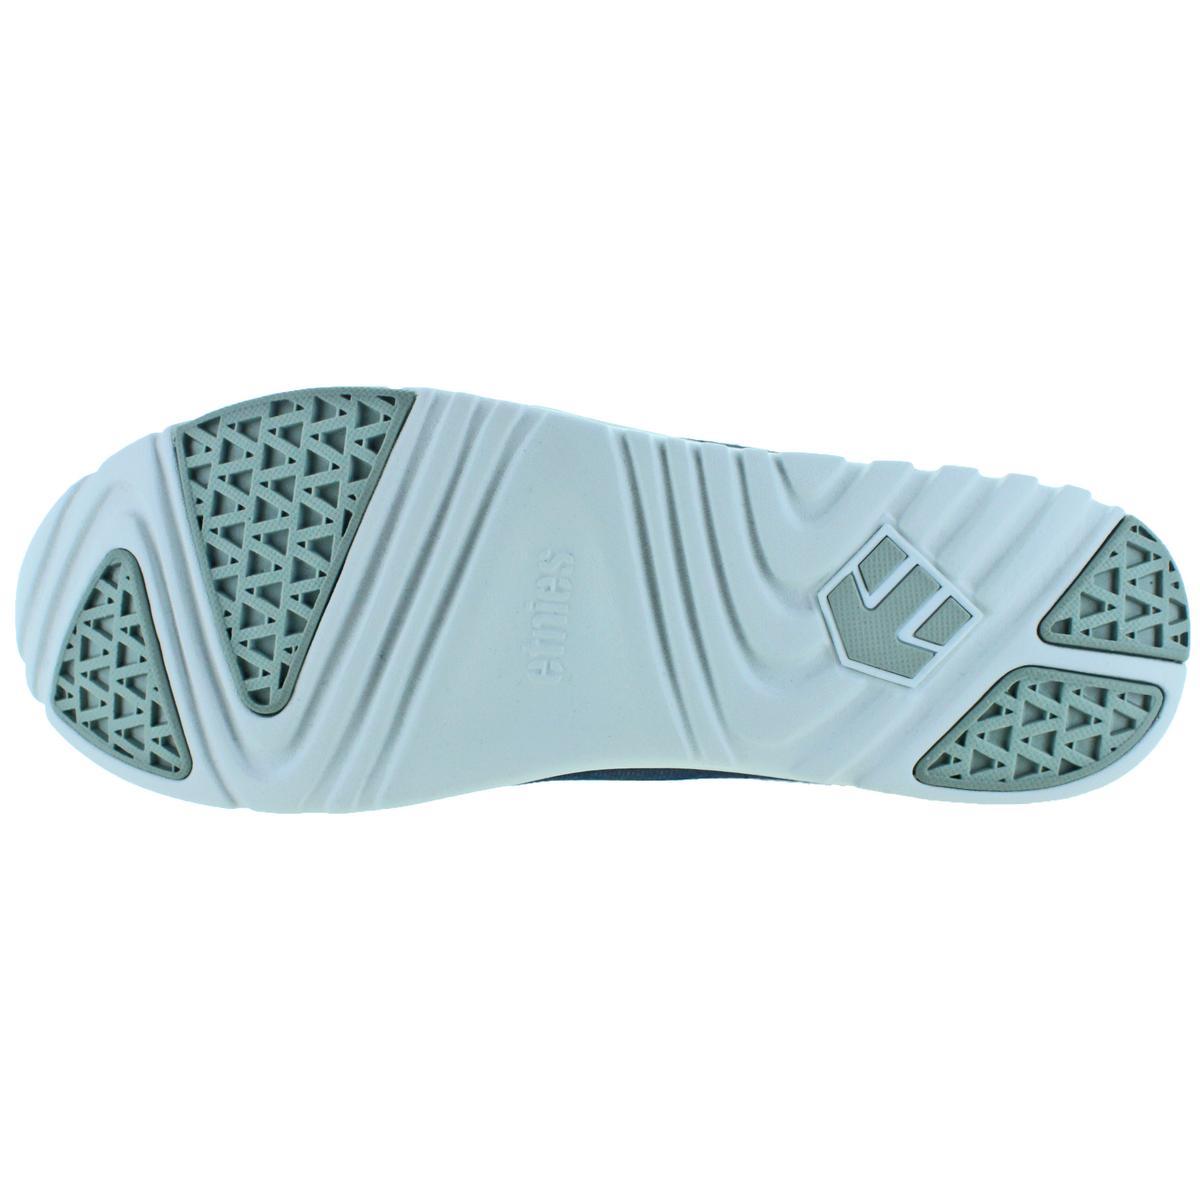 Etnies-Scout-Hommes-Leger-Athletique-Baskets-Chaussures miniature 12